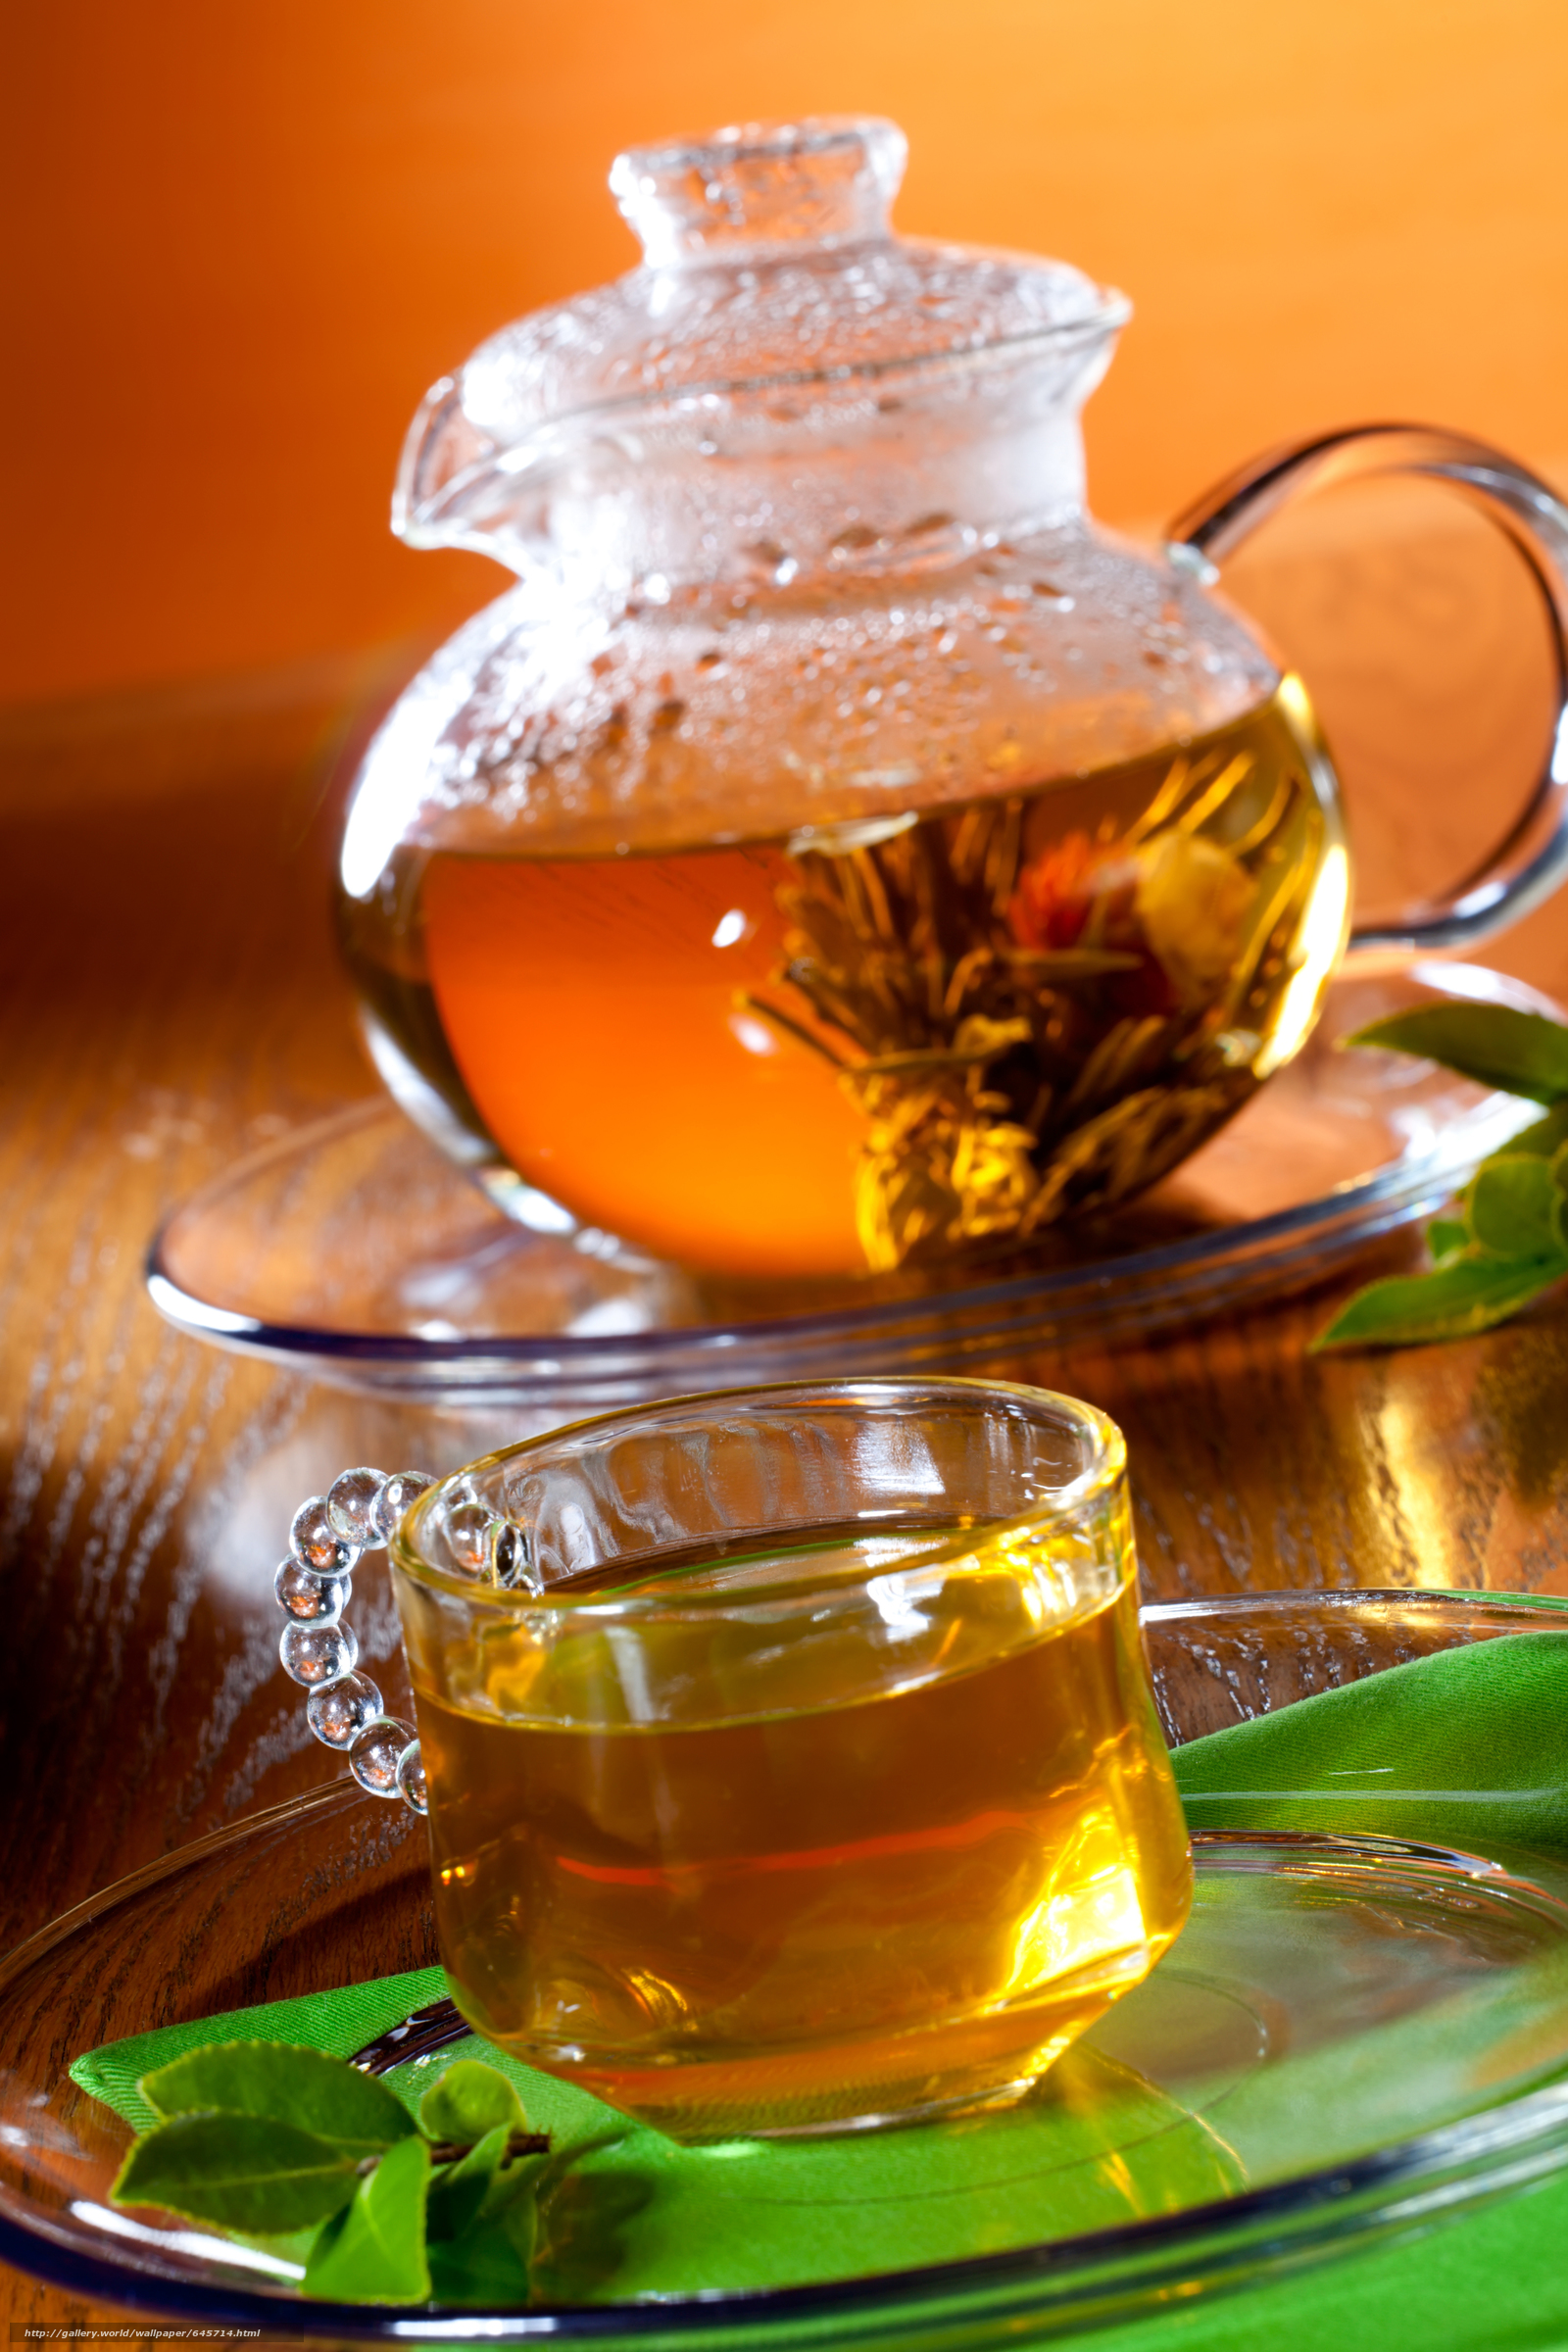 Скачать обои зелёный чай,  чайник,  посуда бесплатно для рабочего стола в разрешении 3744x5616 — картинка №645714